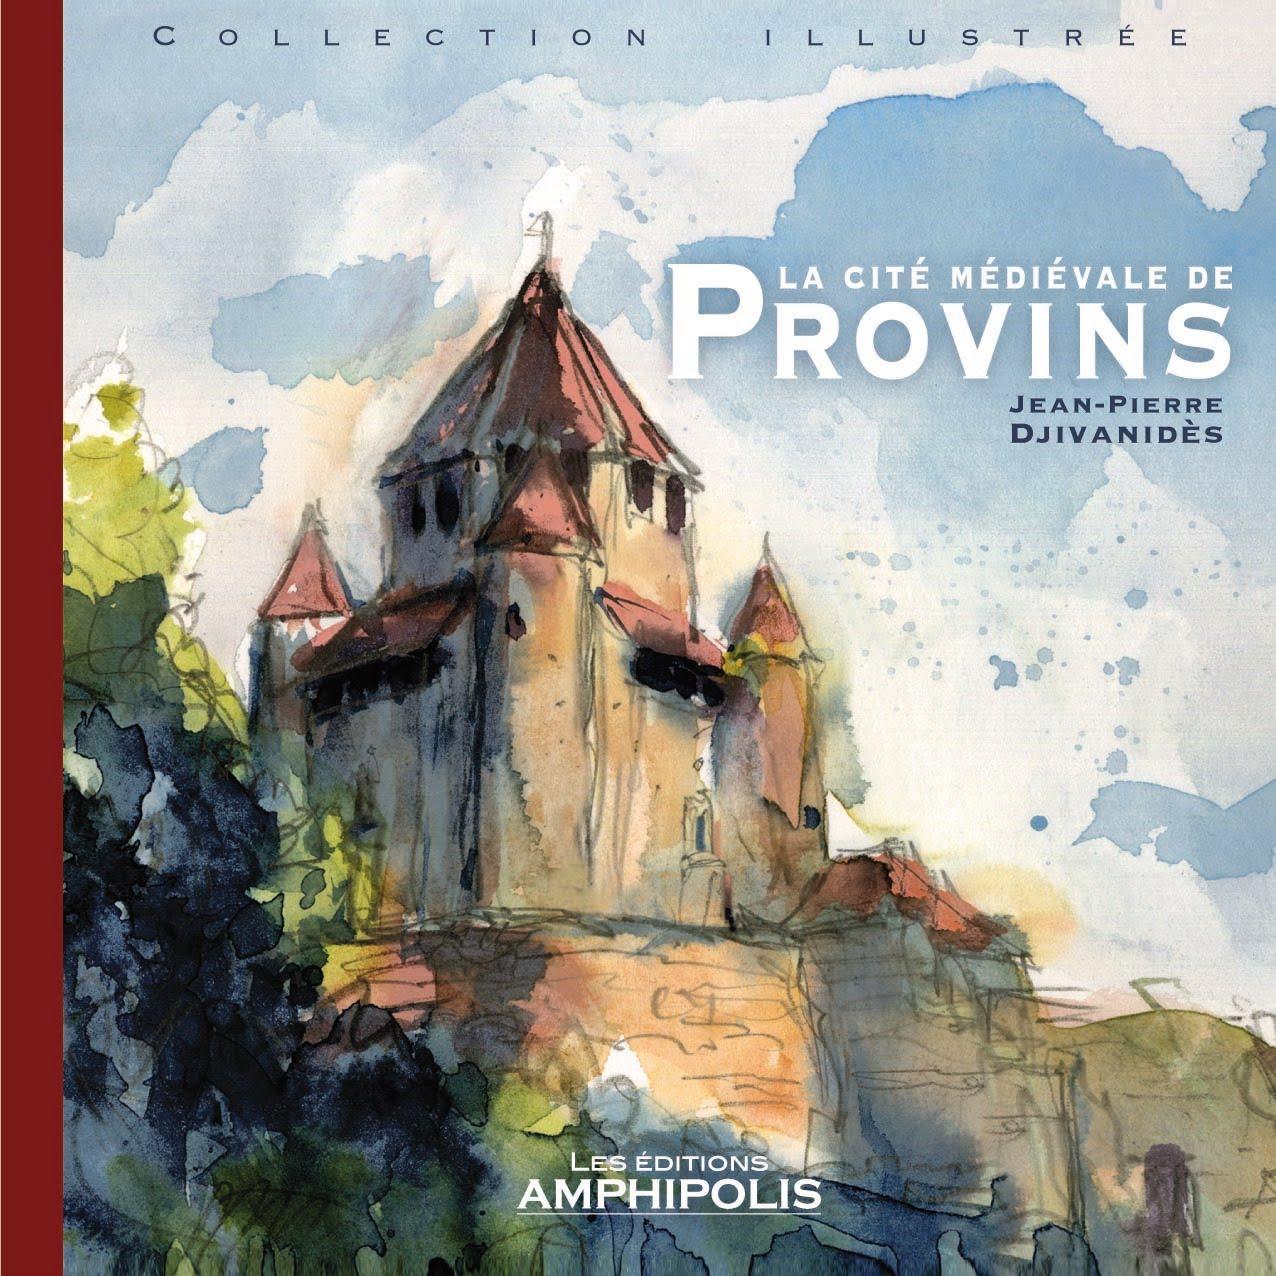 PROVINS, cité médiévale: LE LIVRE